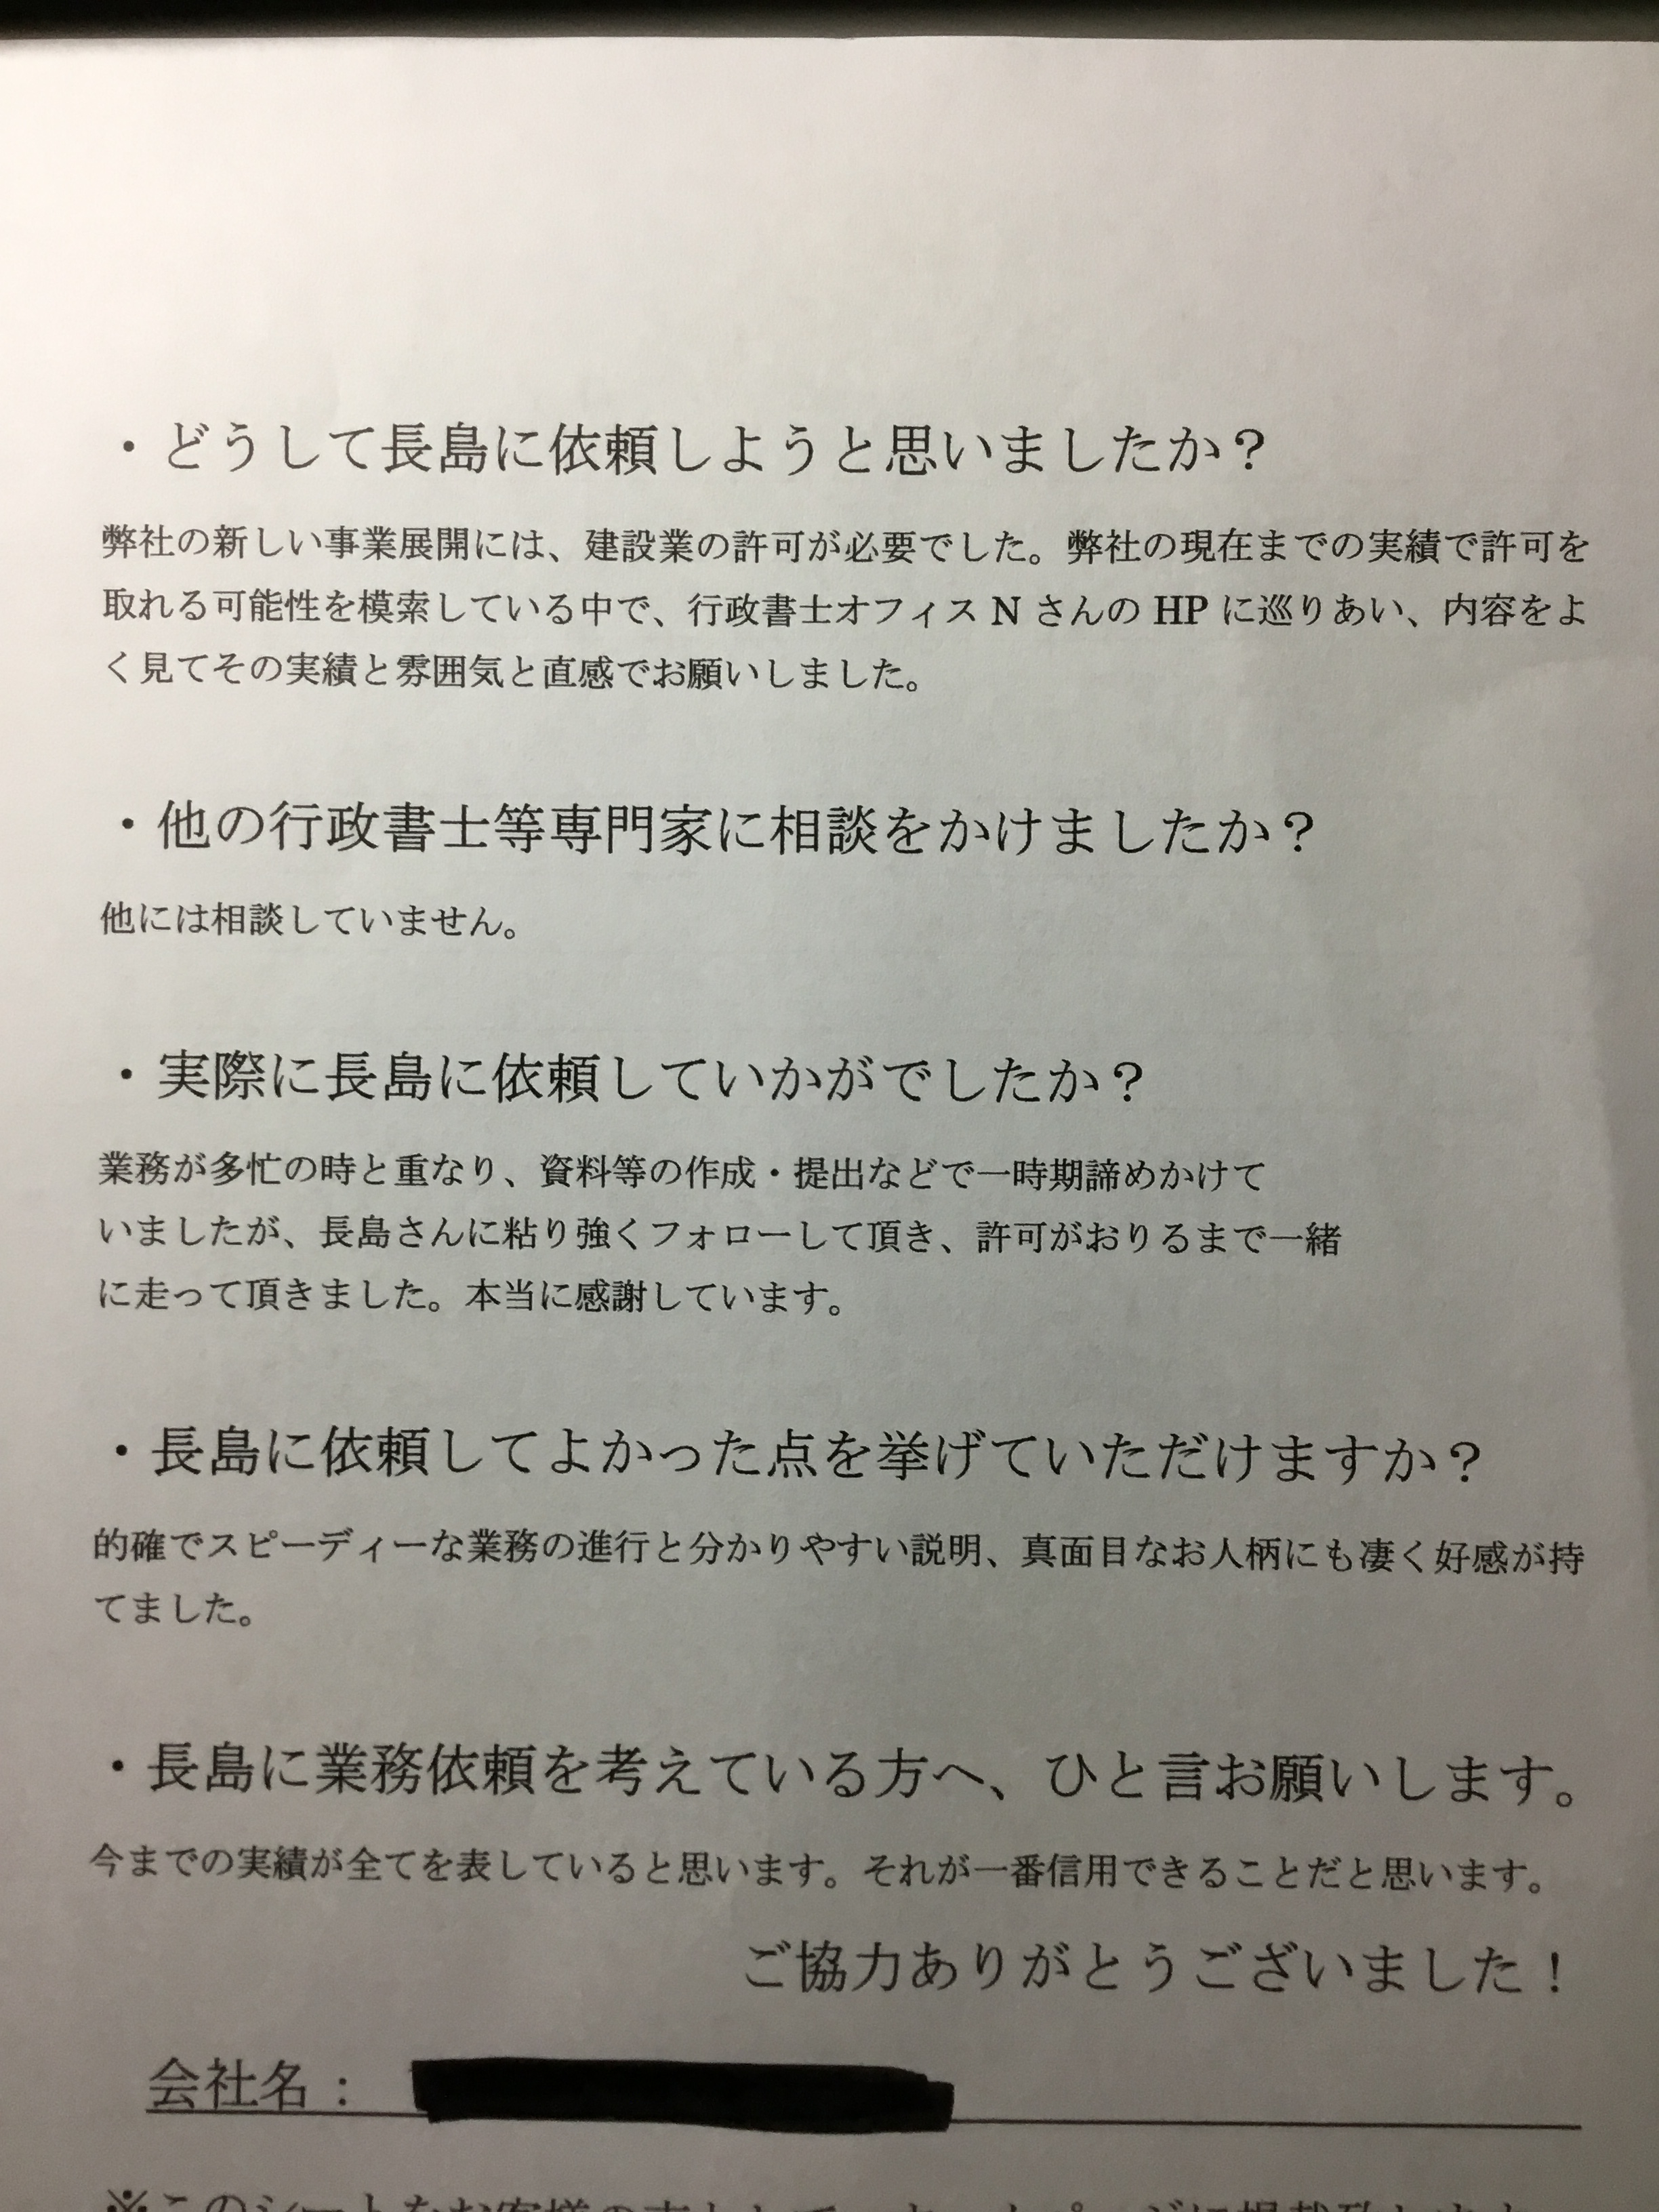 大阪府知事 建築工事業他1業種許可 株式会社R様